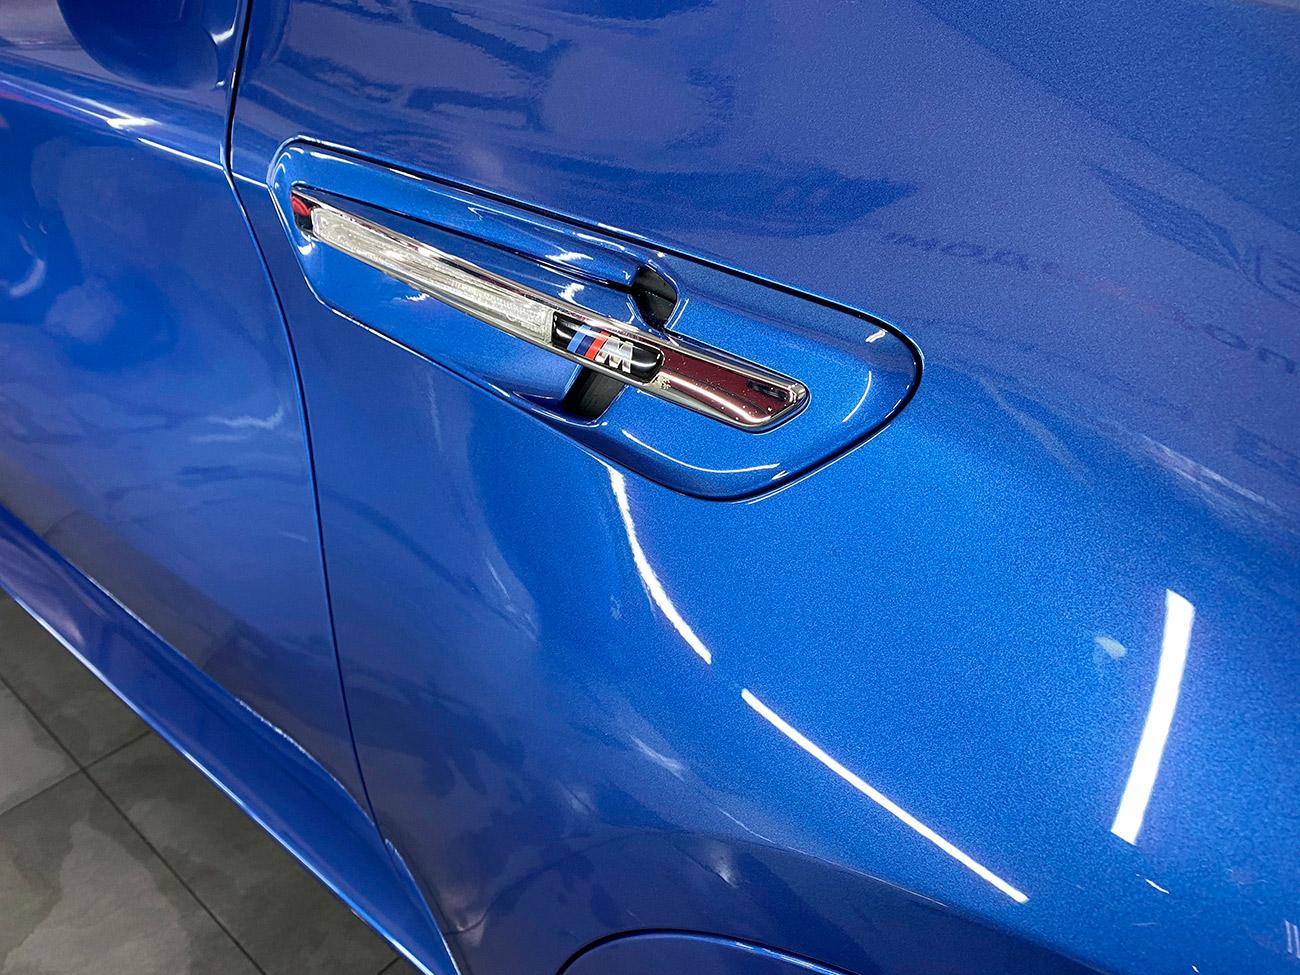 Лакокрасочное покрытие автомобиля БМВ X6M 2010 года после полировки. Фото крупным планом.